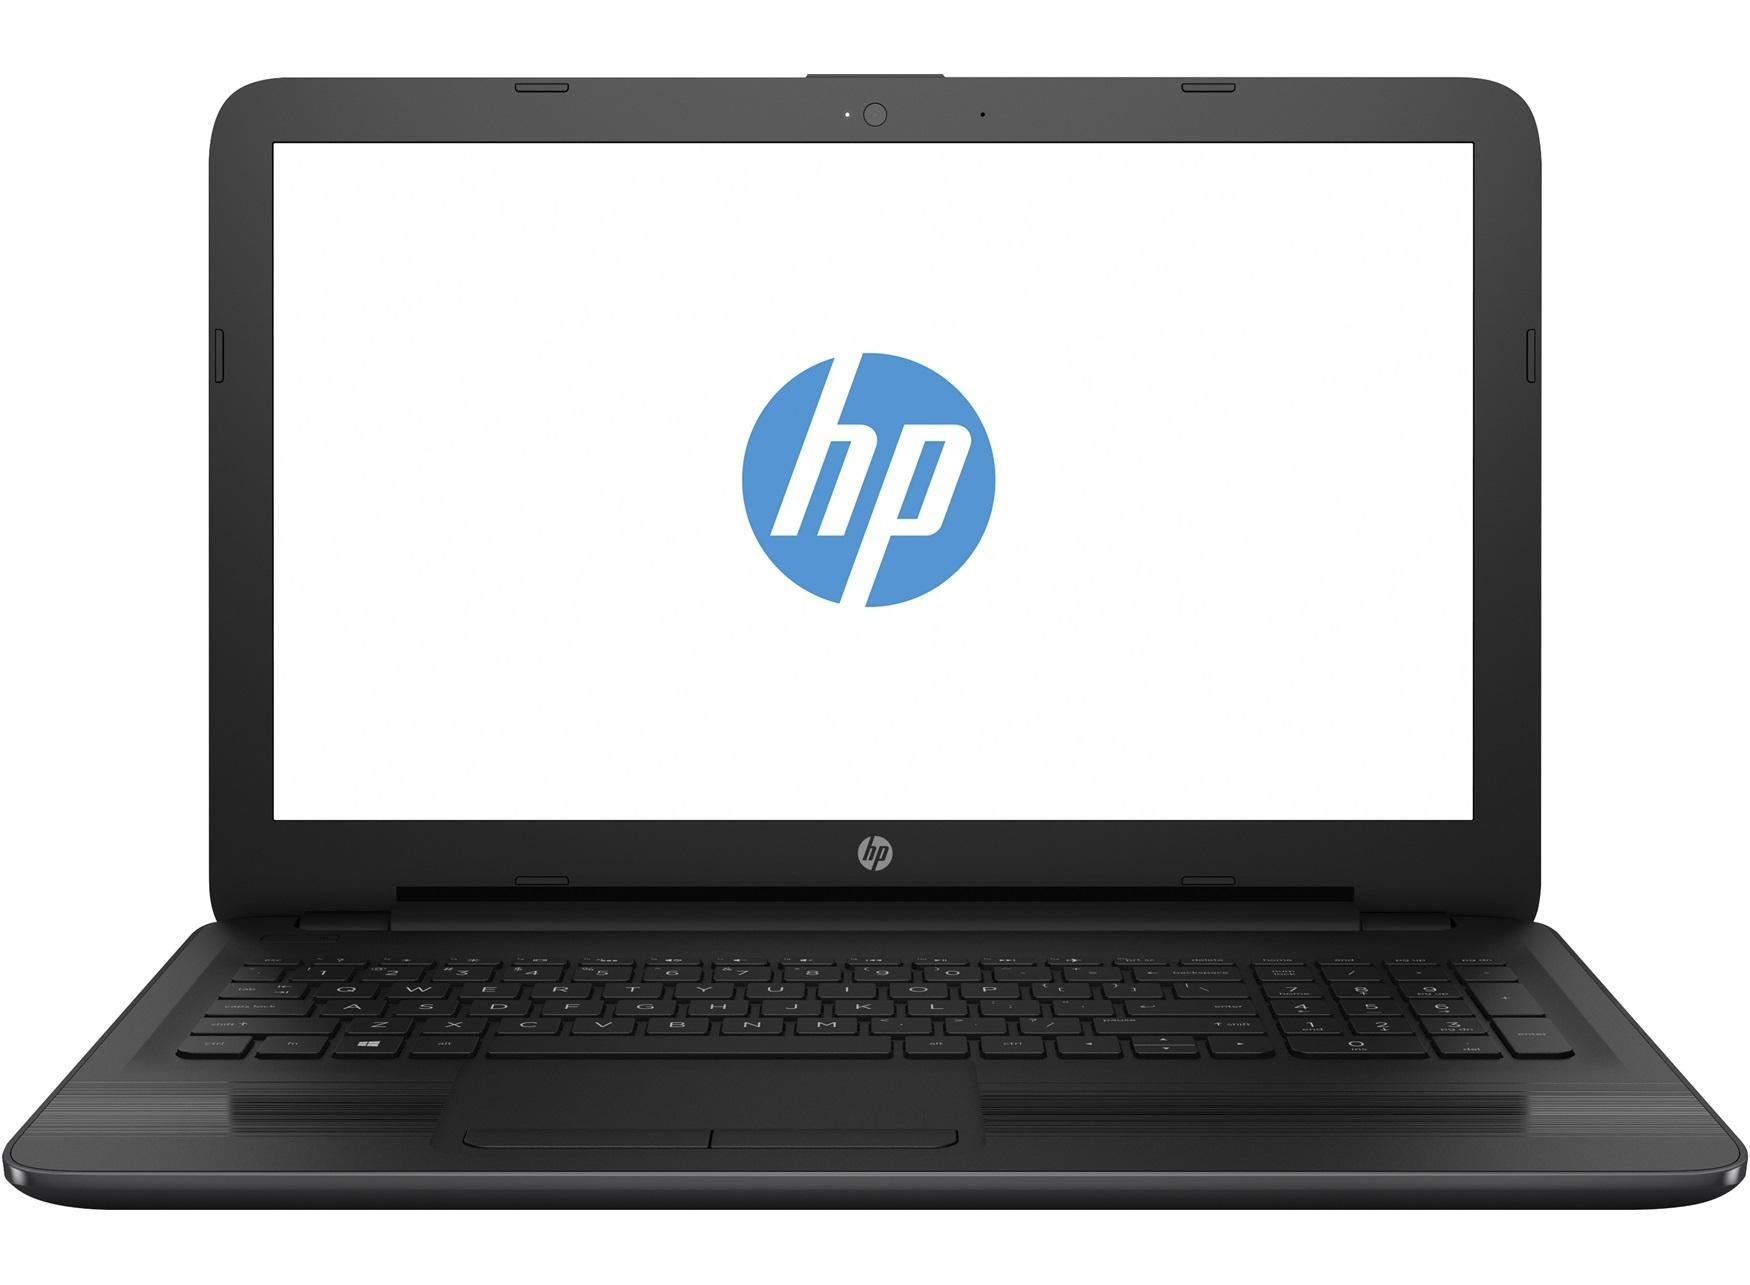 hp laptop 200 15 6 i3 250 g5 w4n61ea abh kopen online bestellen geen verzendkosten vanaf. Black Bedroom Furniture Sets. Home Design Ideas